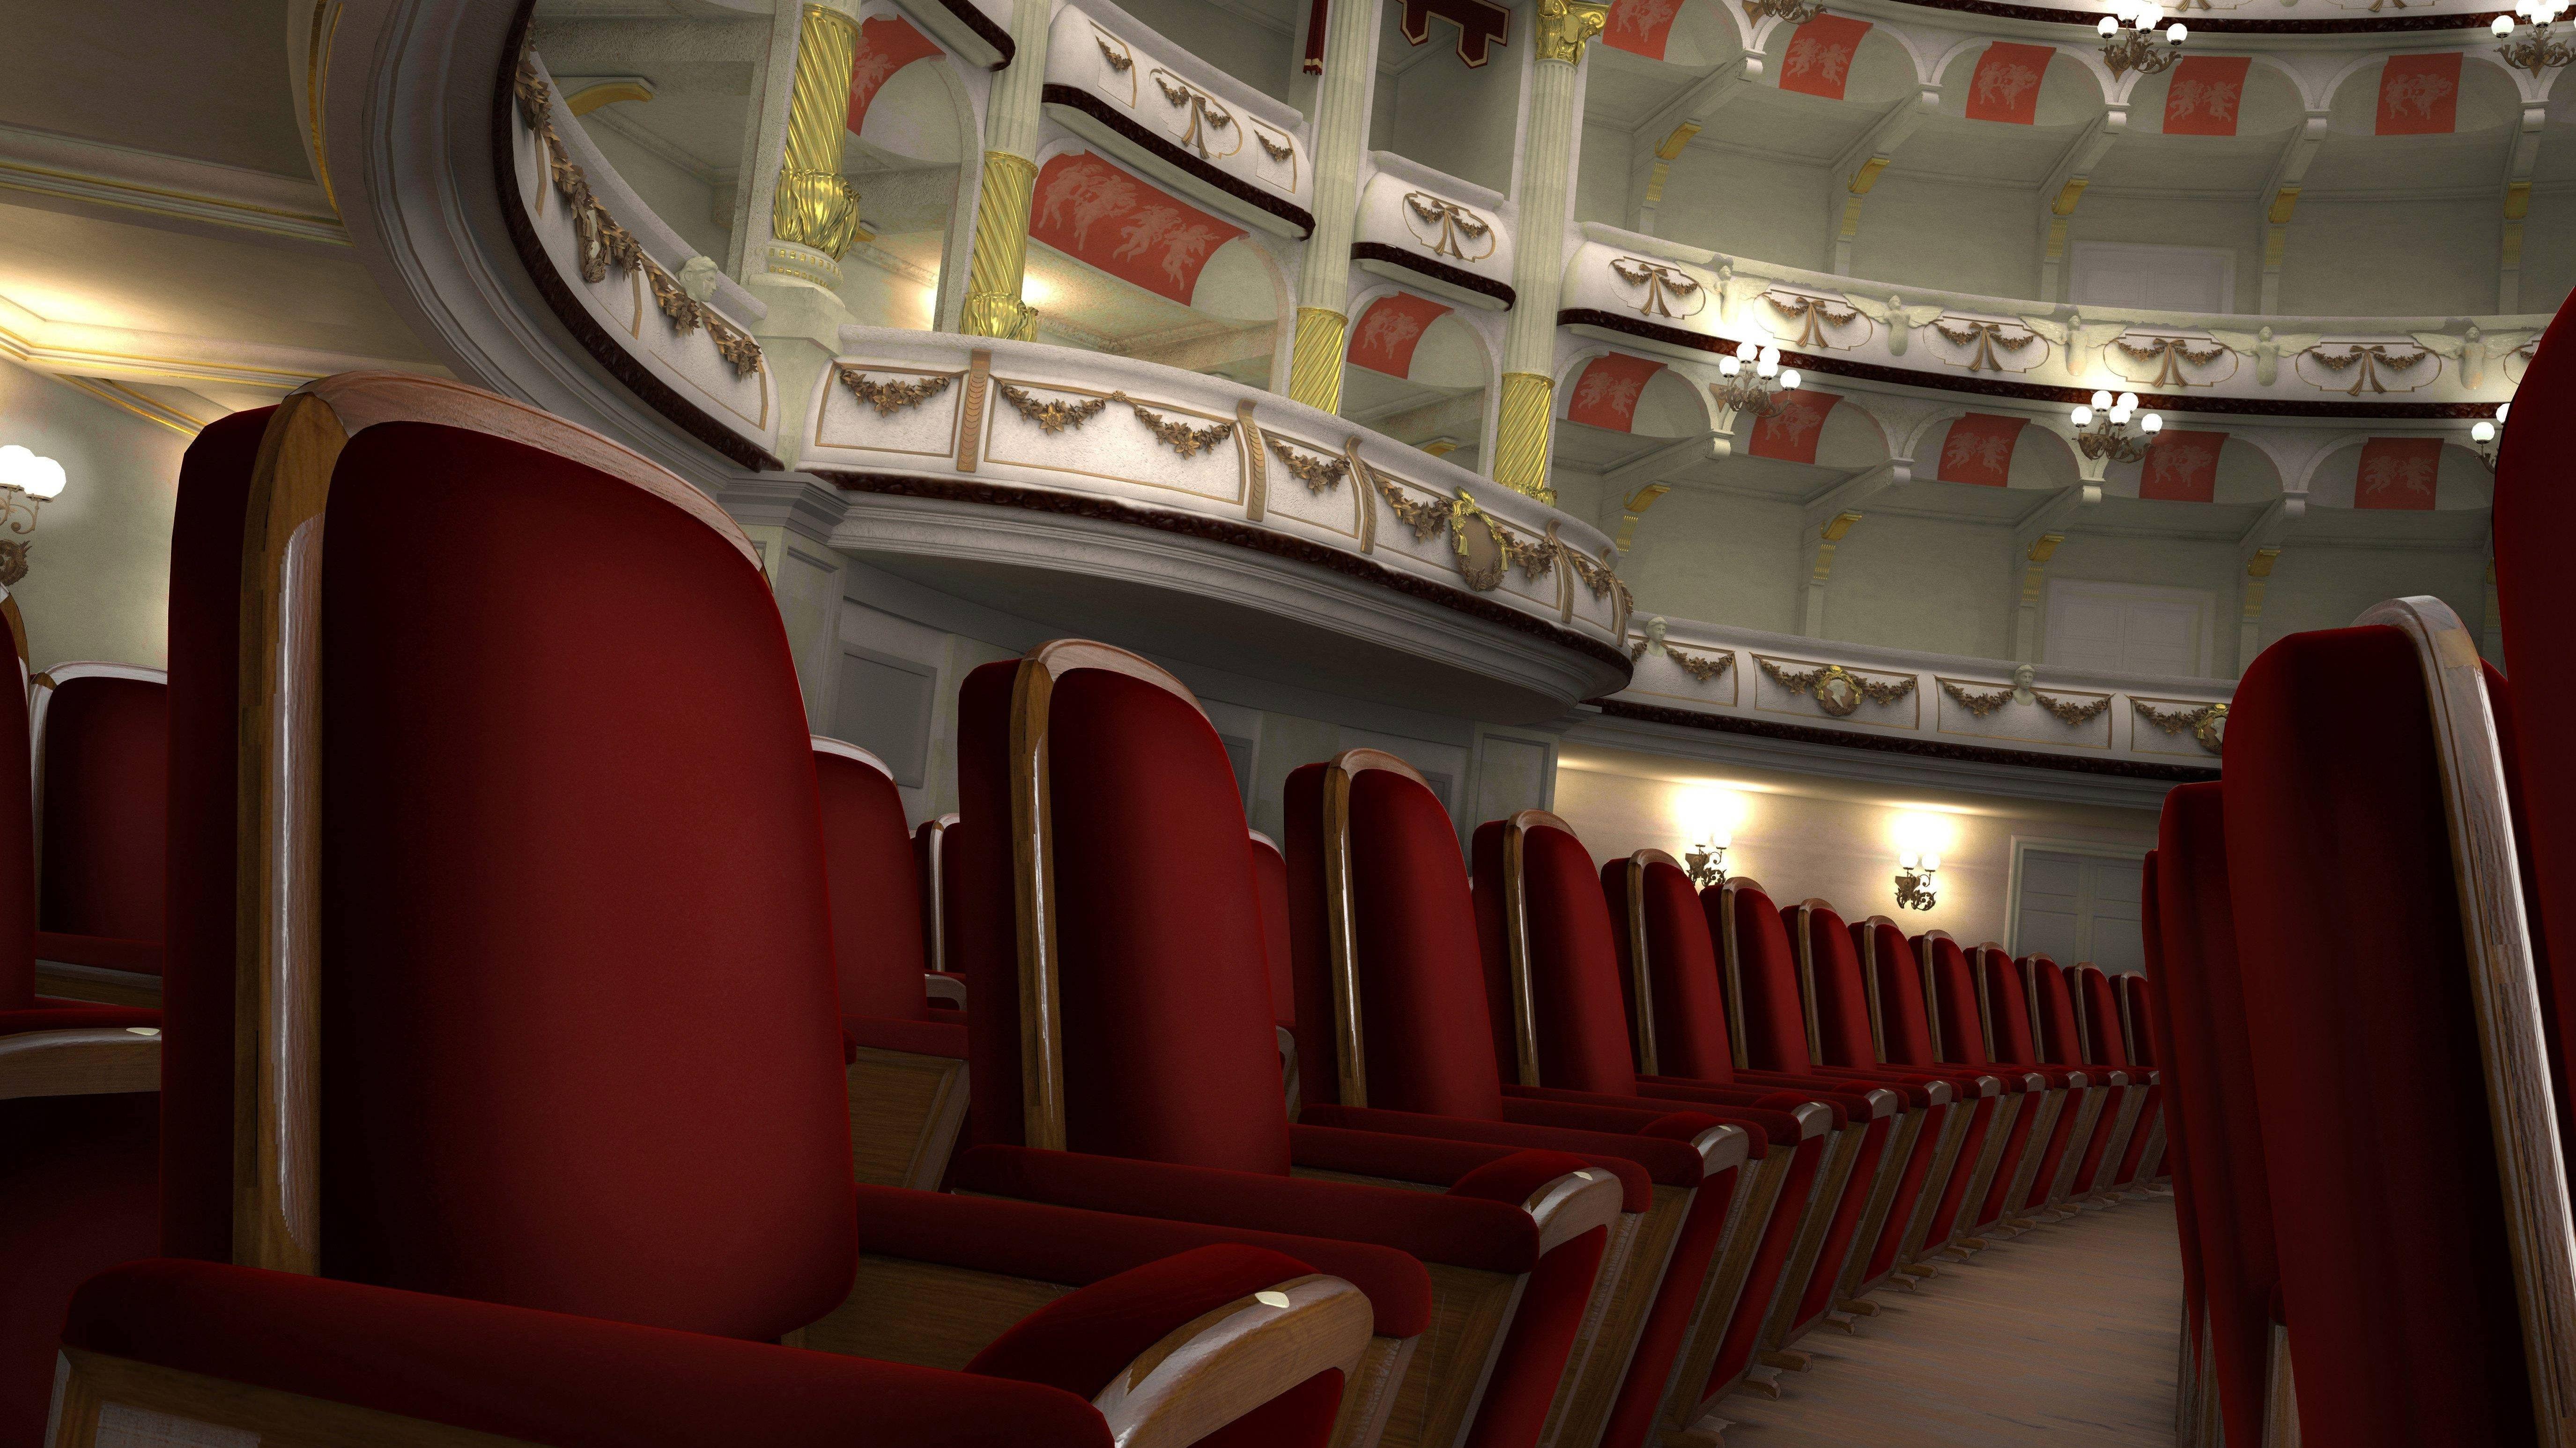 Leerer Zuschauerraum in einem Theater